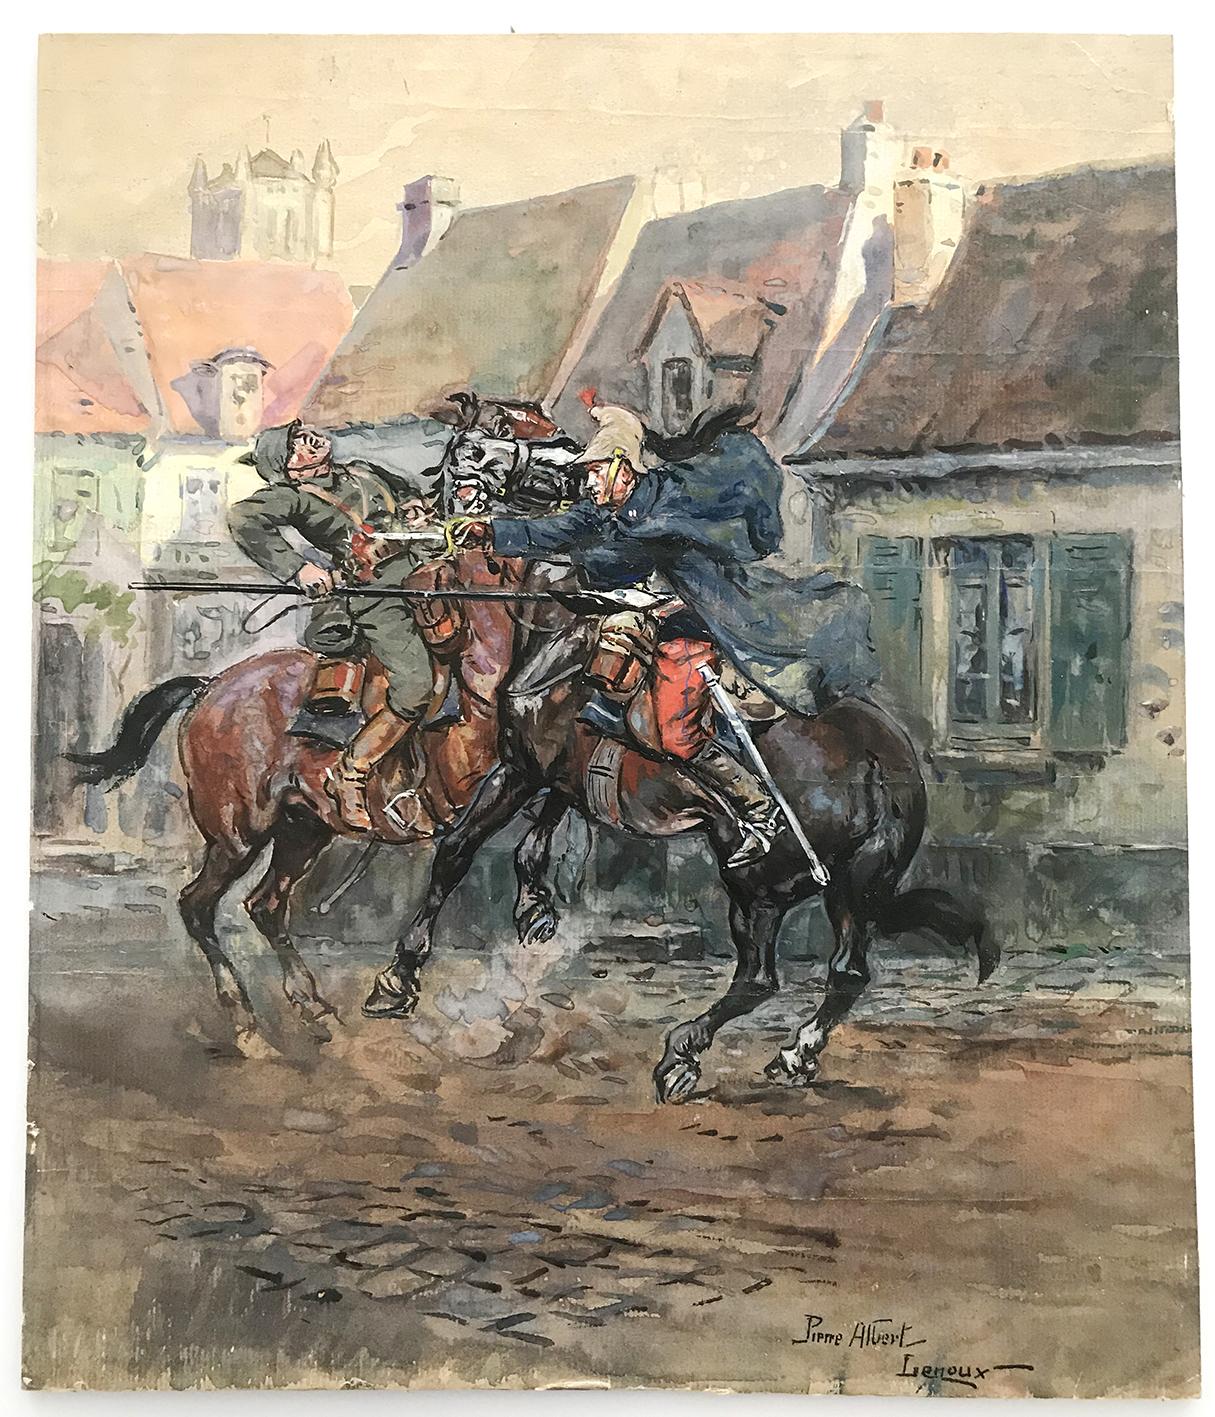 Peinture originale rehaussée - Combat 14/18 - Pierre Albert Leroux - Combat aux avant postes - gouache - Dragons contre Uhlan Prussien